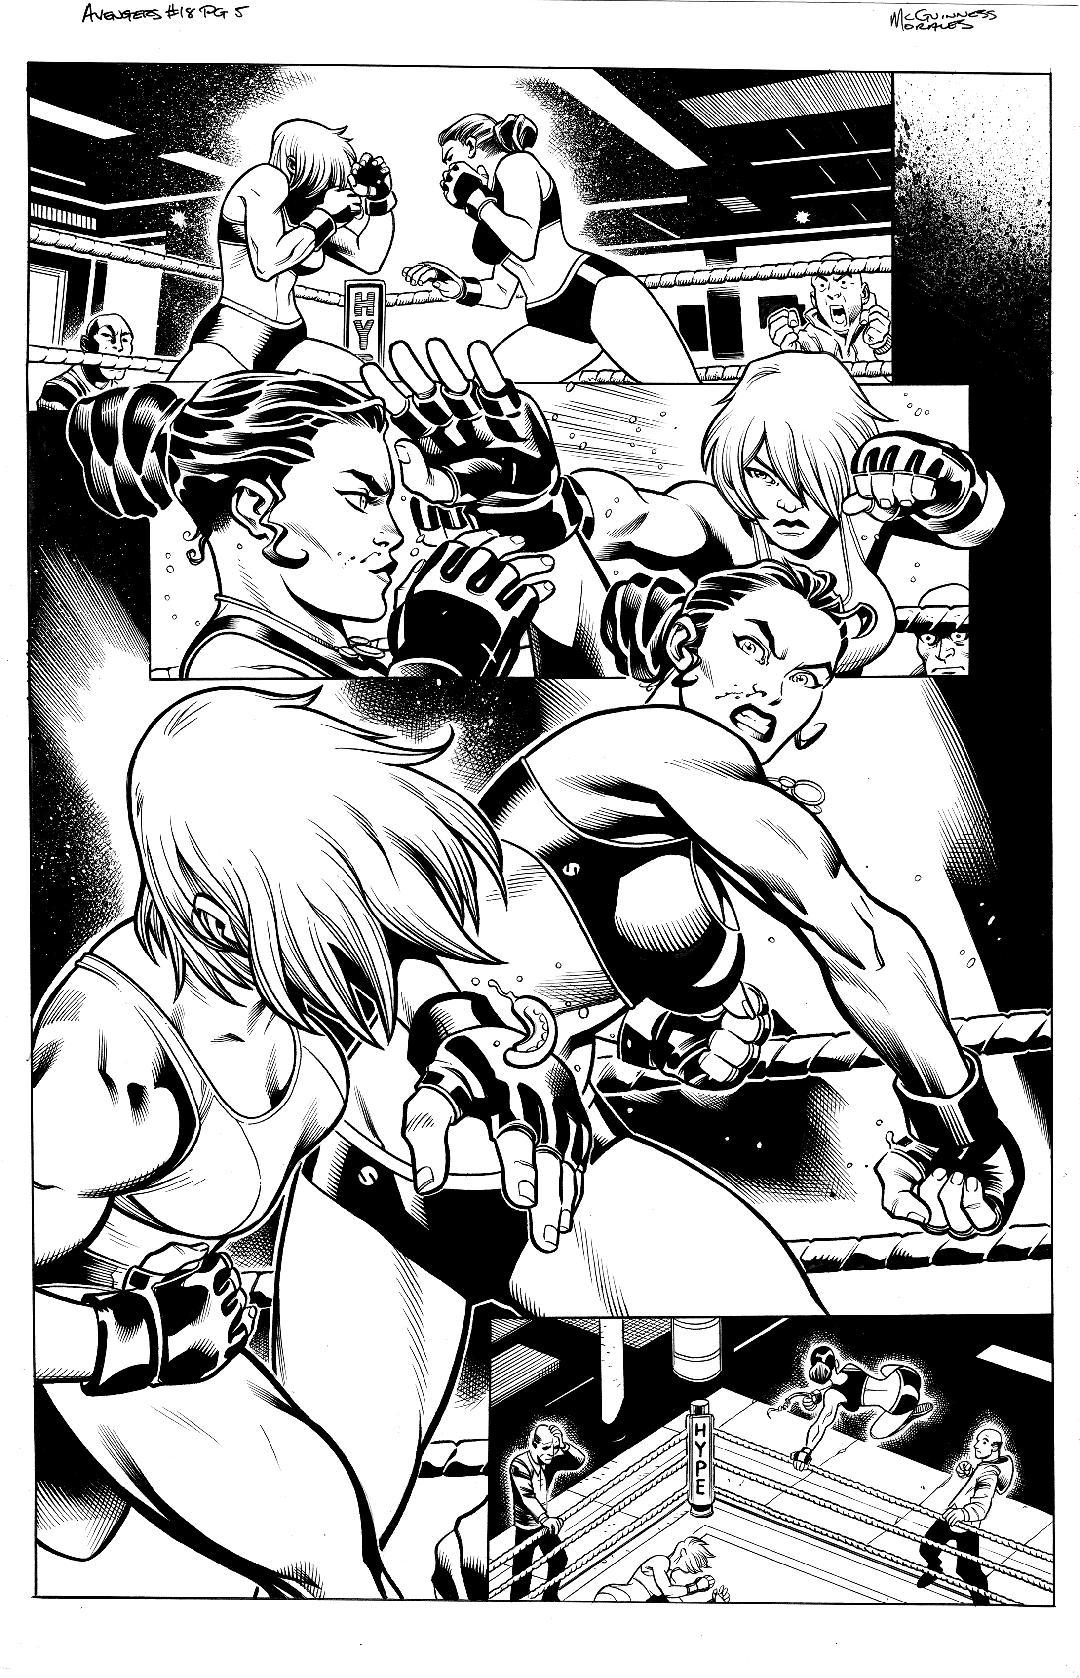 Avengers #18 pg 5